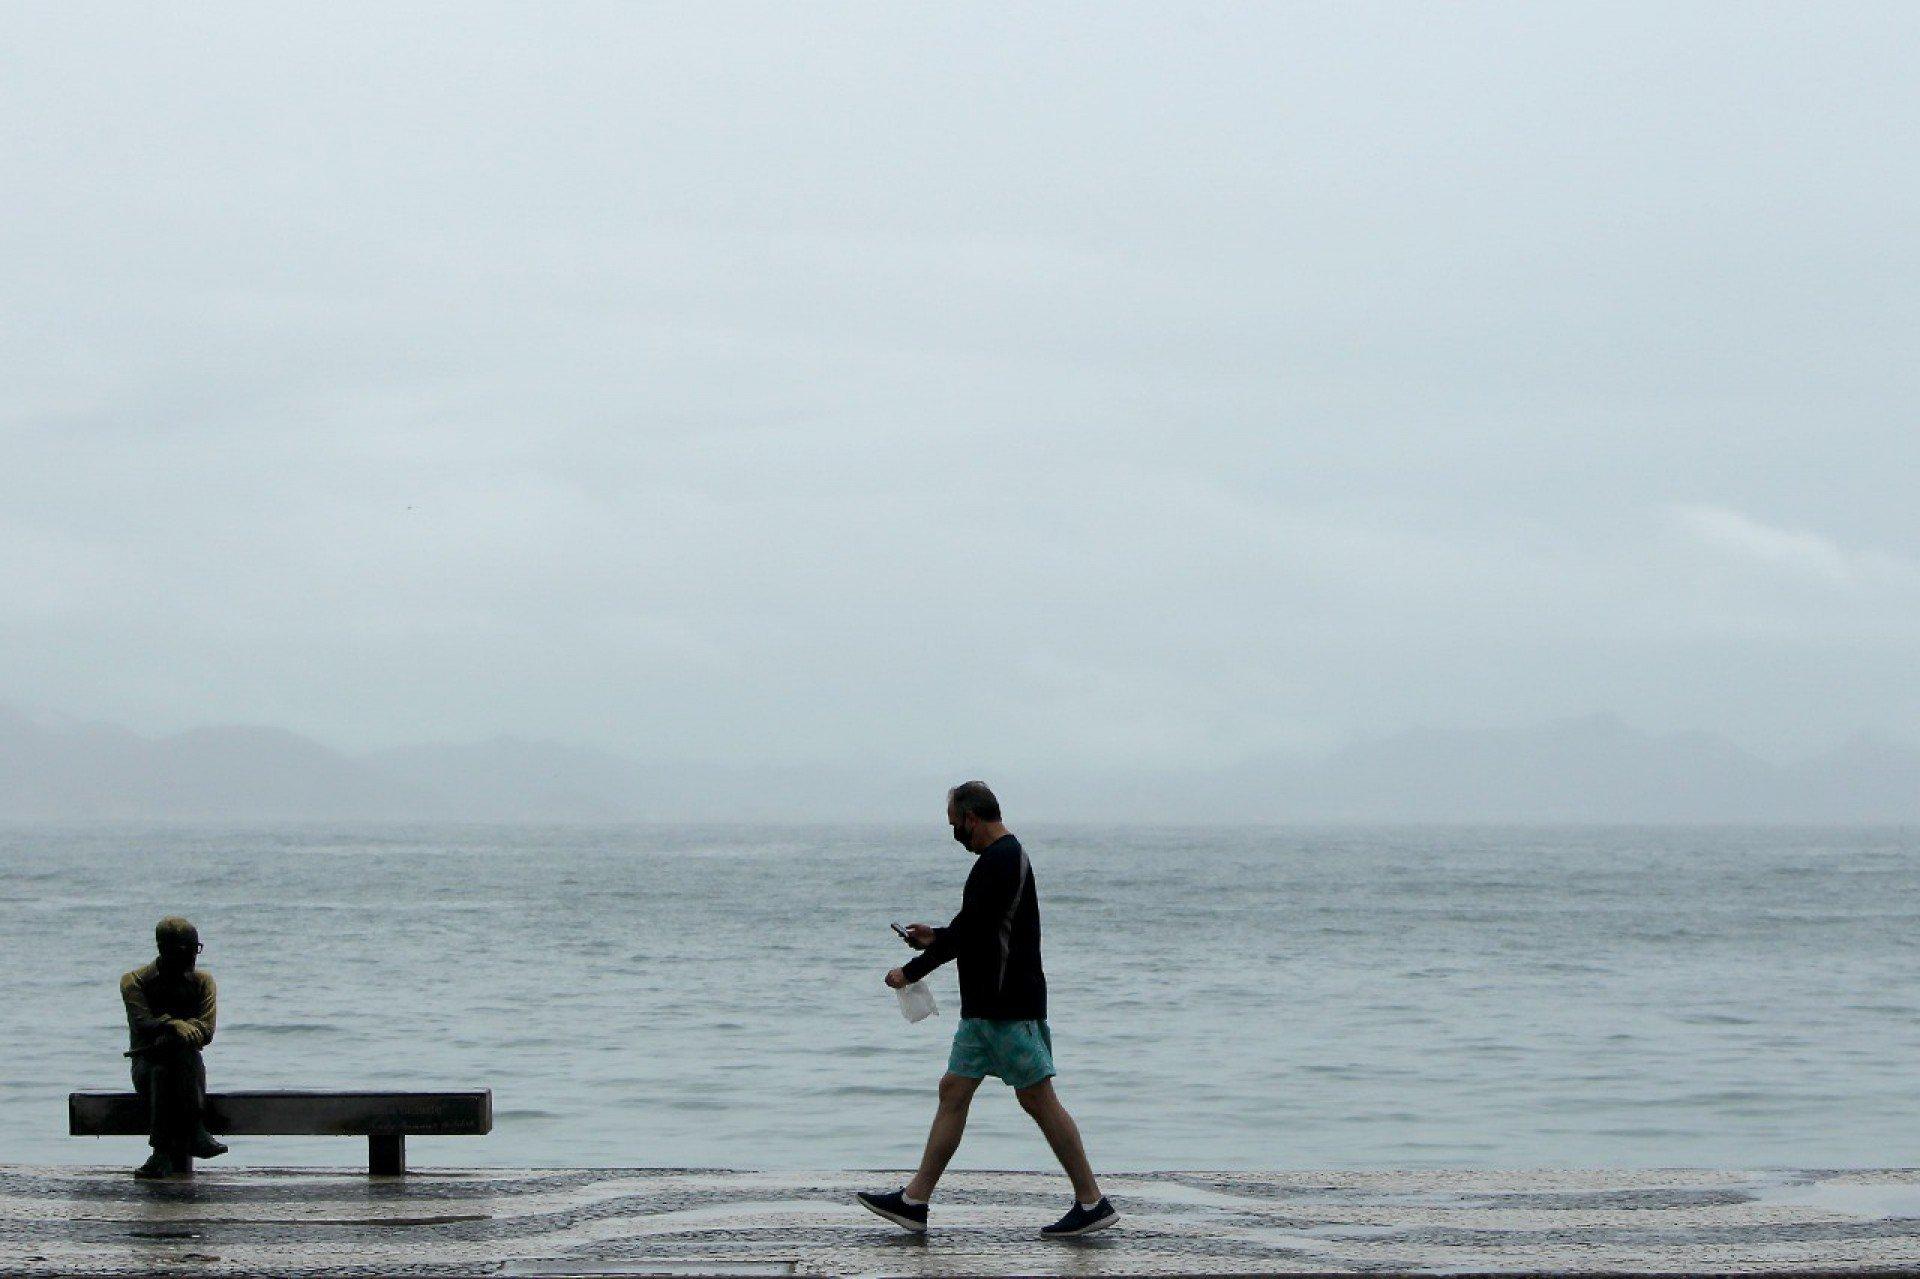 Rio registra forte ventania e queda de temperatura nesta quarta-feira